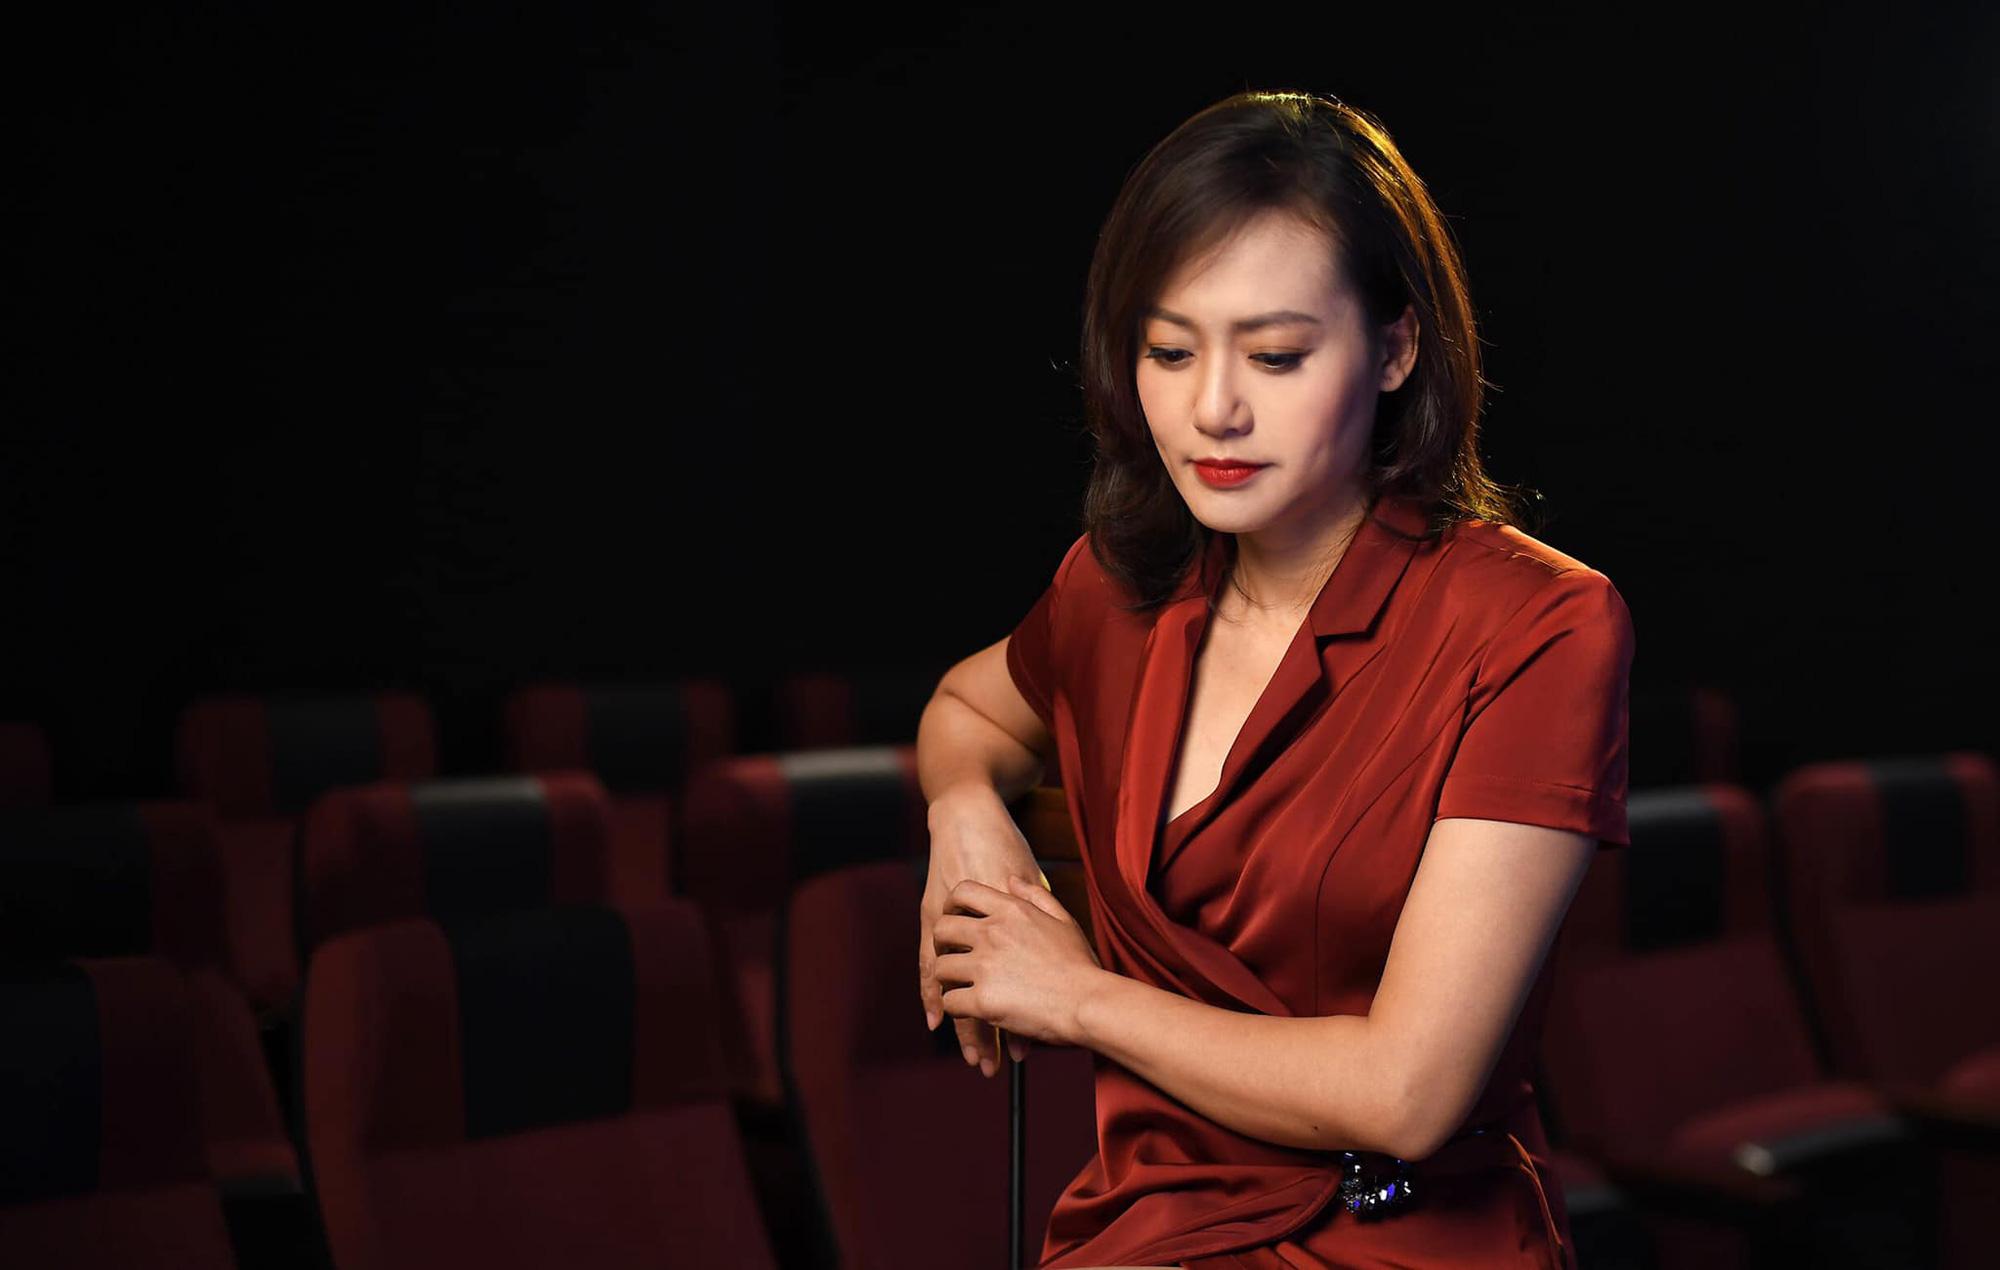 Hồng Ánh: Tôi học được những thay đổi tích cực, đó là tính giáo dục cao từ phim ảnh - Ảnh 2.